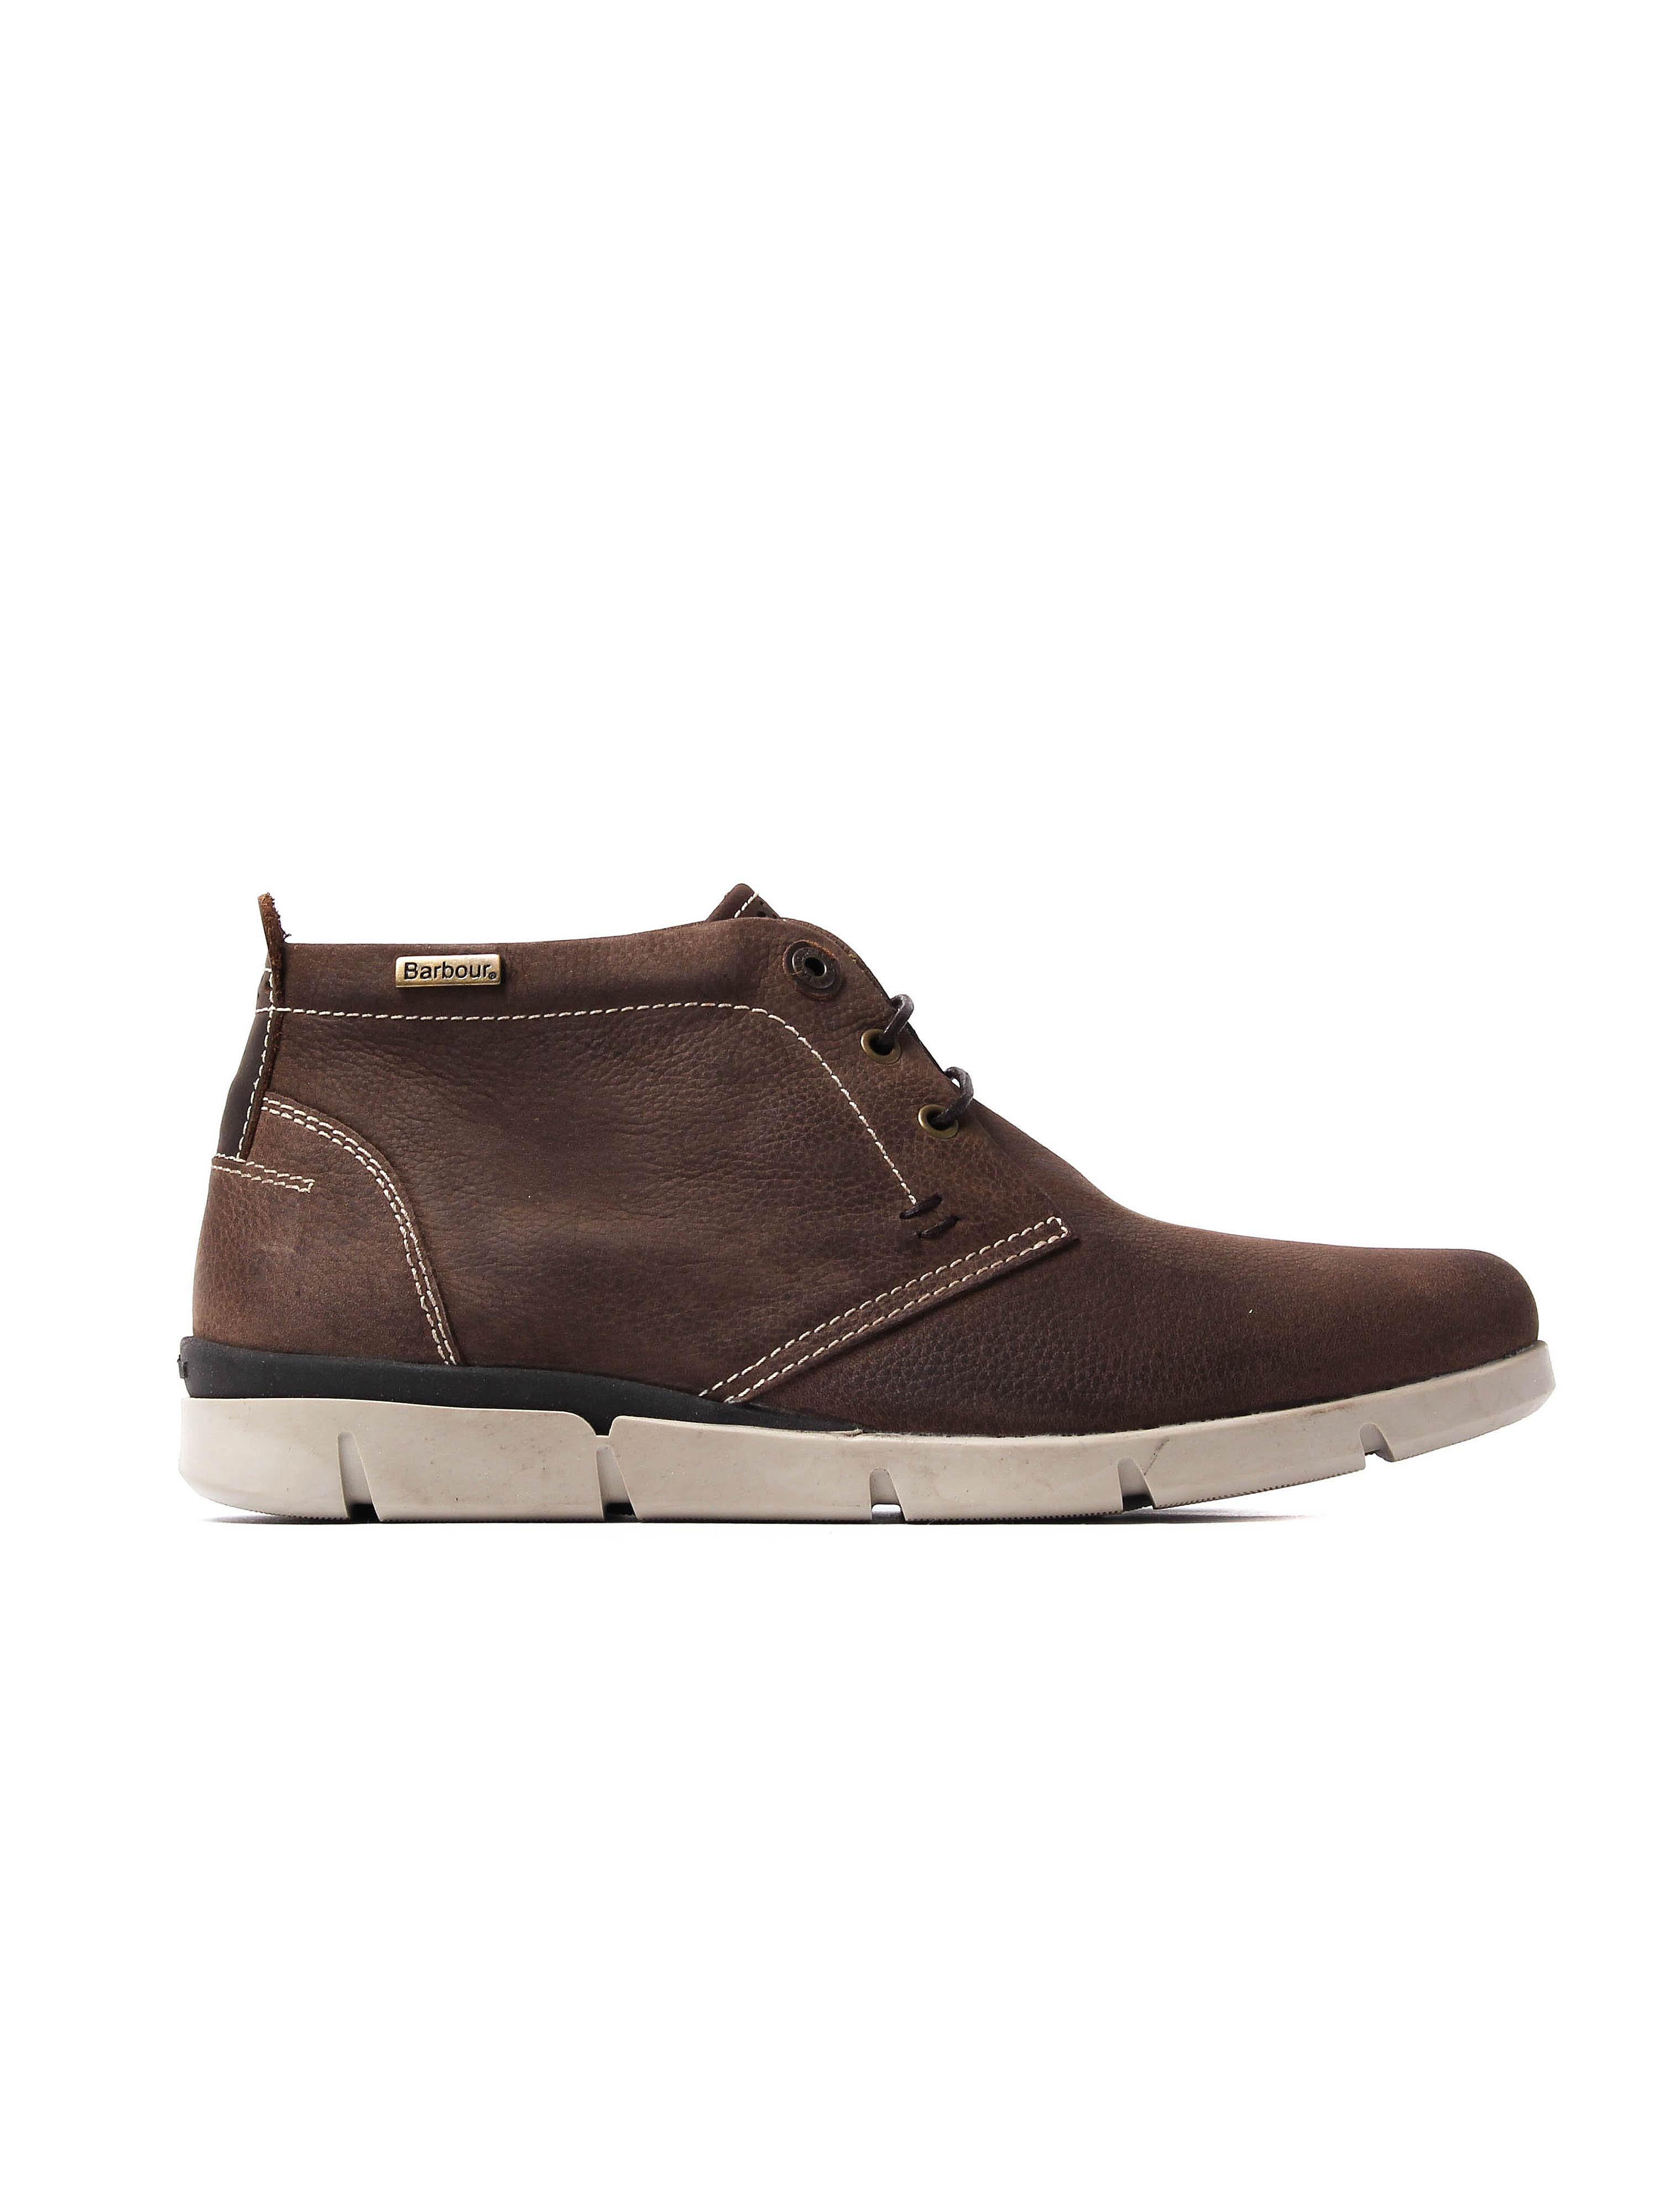 Barbour Men's Collier Chukka Boots - Dark Brown Nubuck